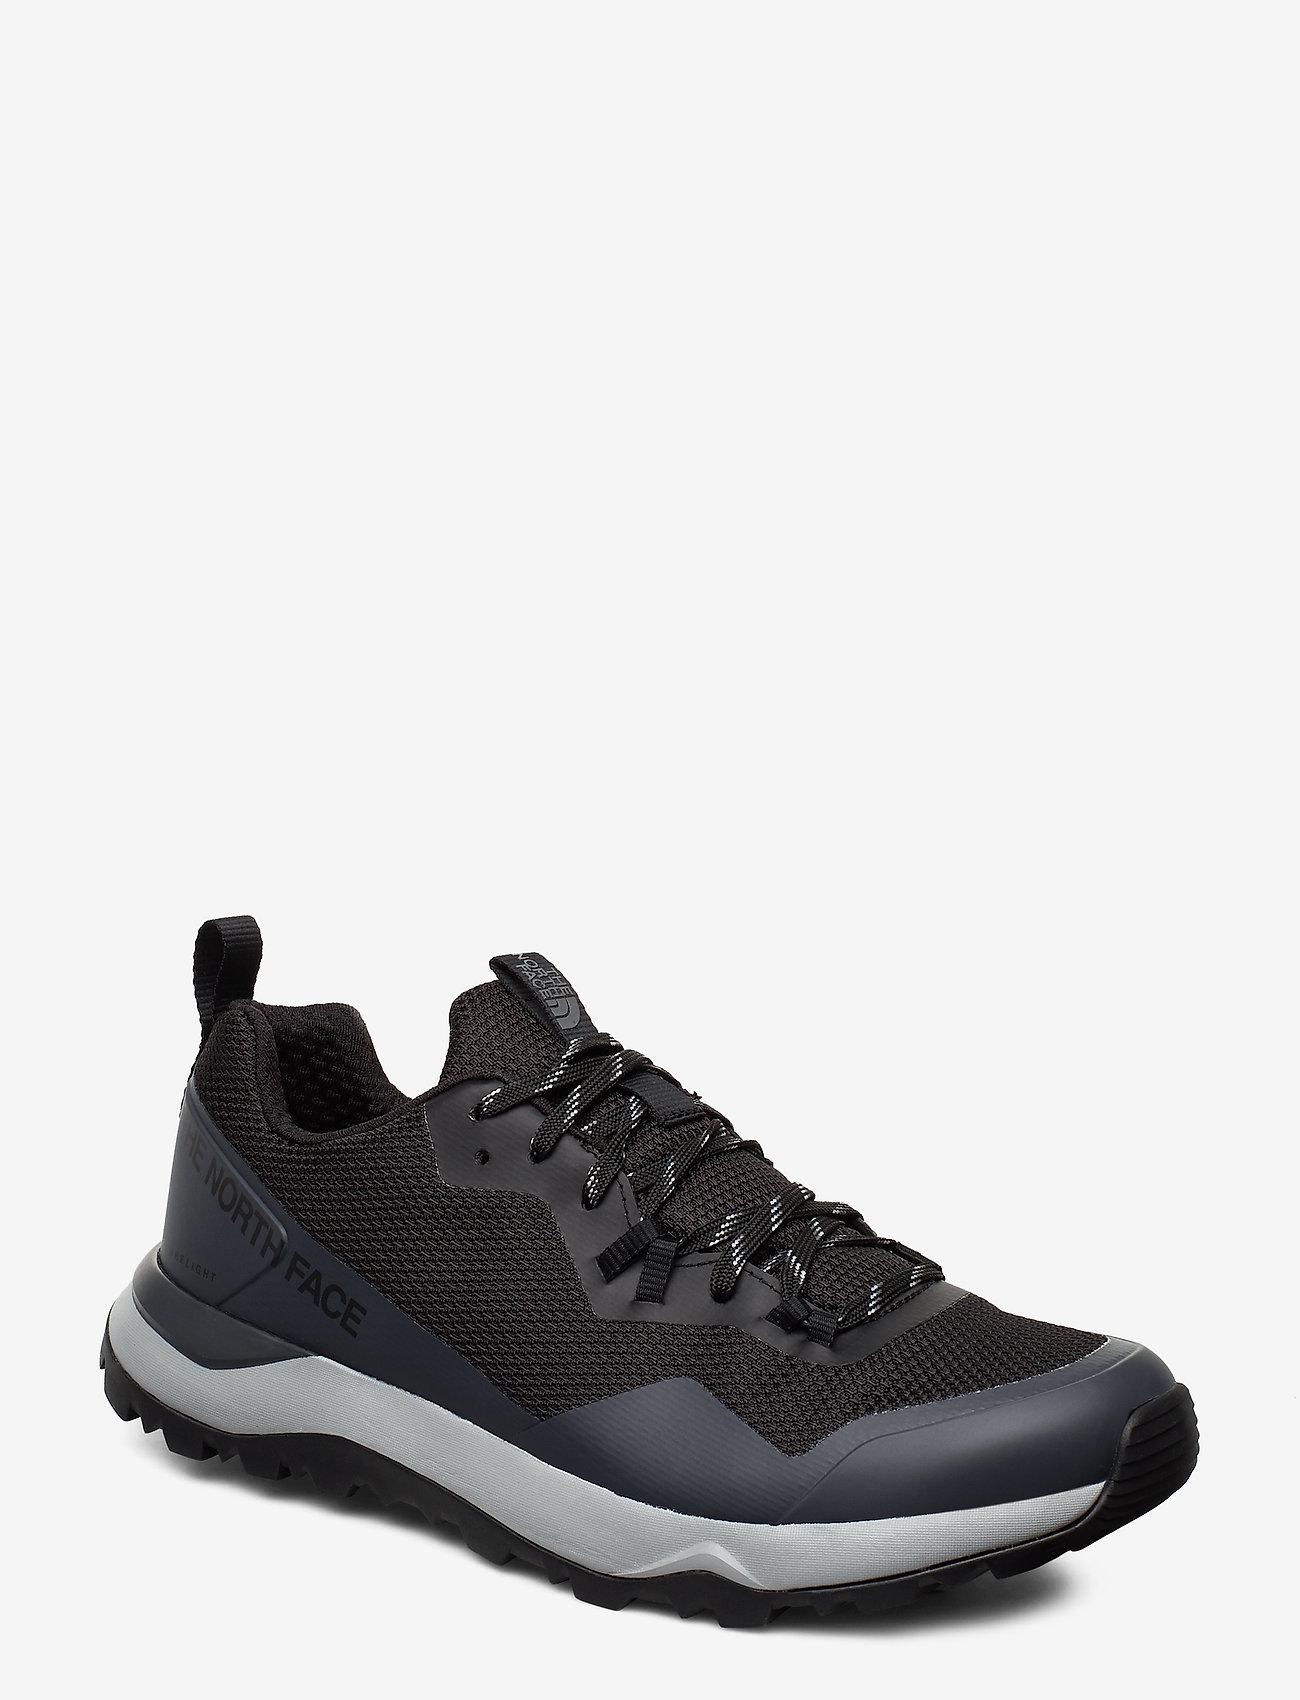 The North Face - M ACTIVIST FUTRLIGHT - chaussures de randonnée - tnf black/zinc grey - 0